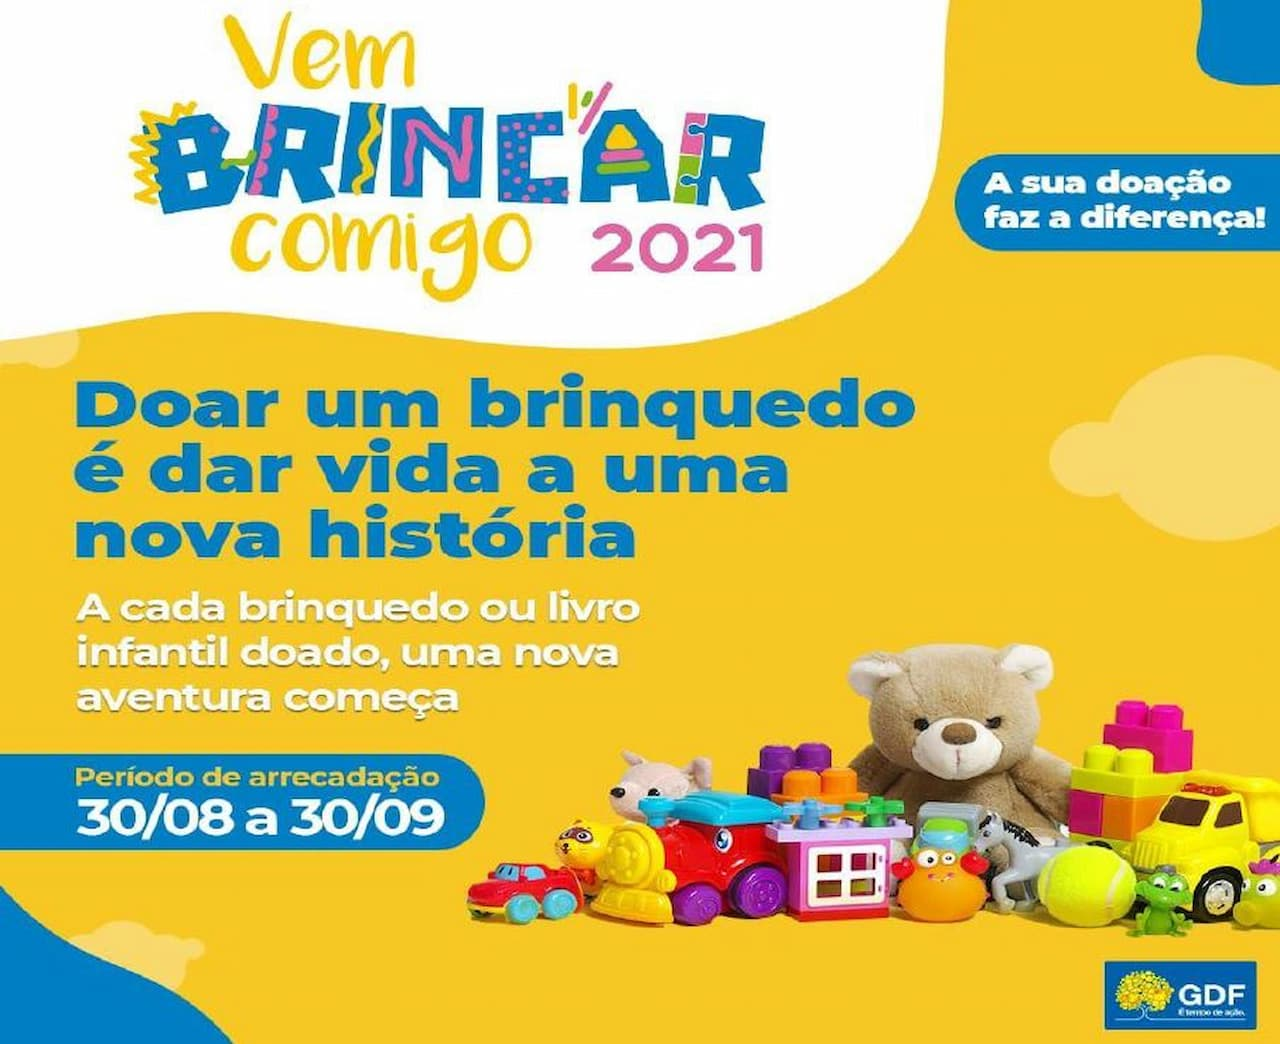 vem-brincar-comigo-2021-banner-capa-divulgação (1)